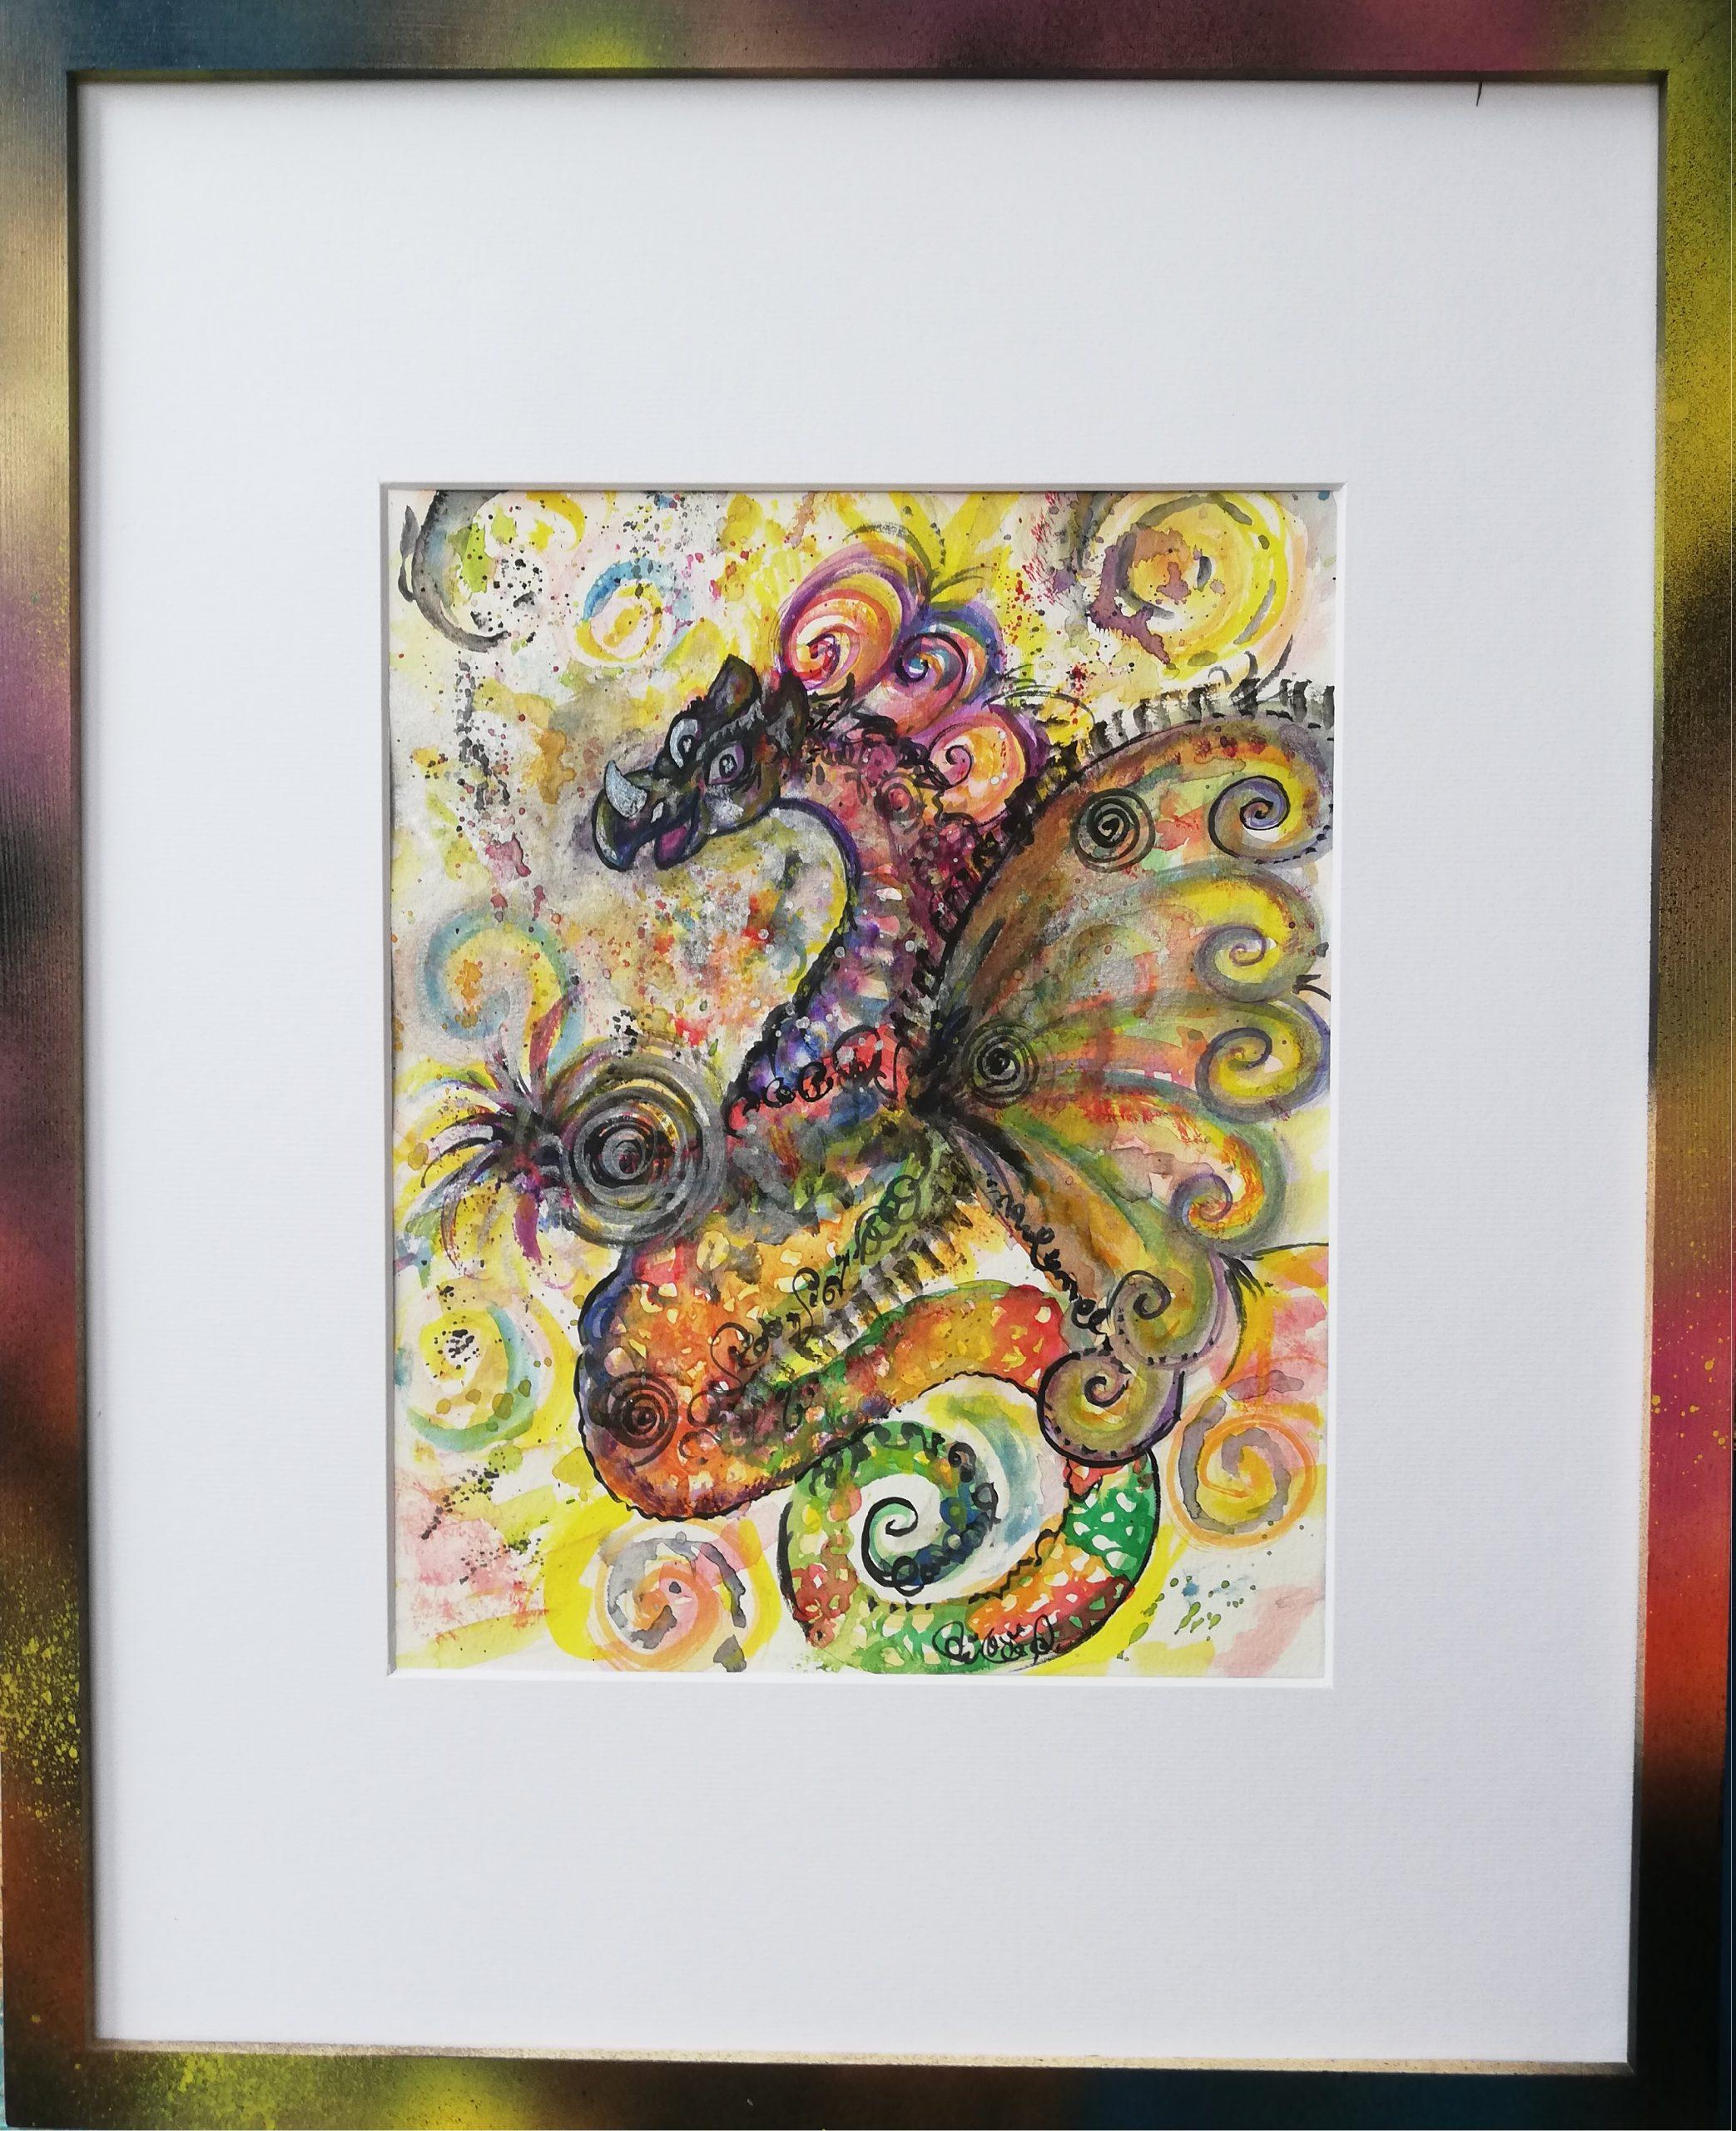 dragon, peinture énergétique, aquarelle, joie, amour, couleurs arc en ciel, magie, peps, dynamisme